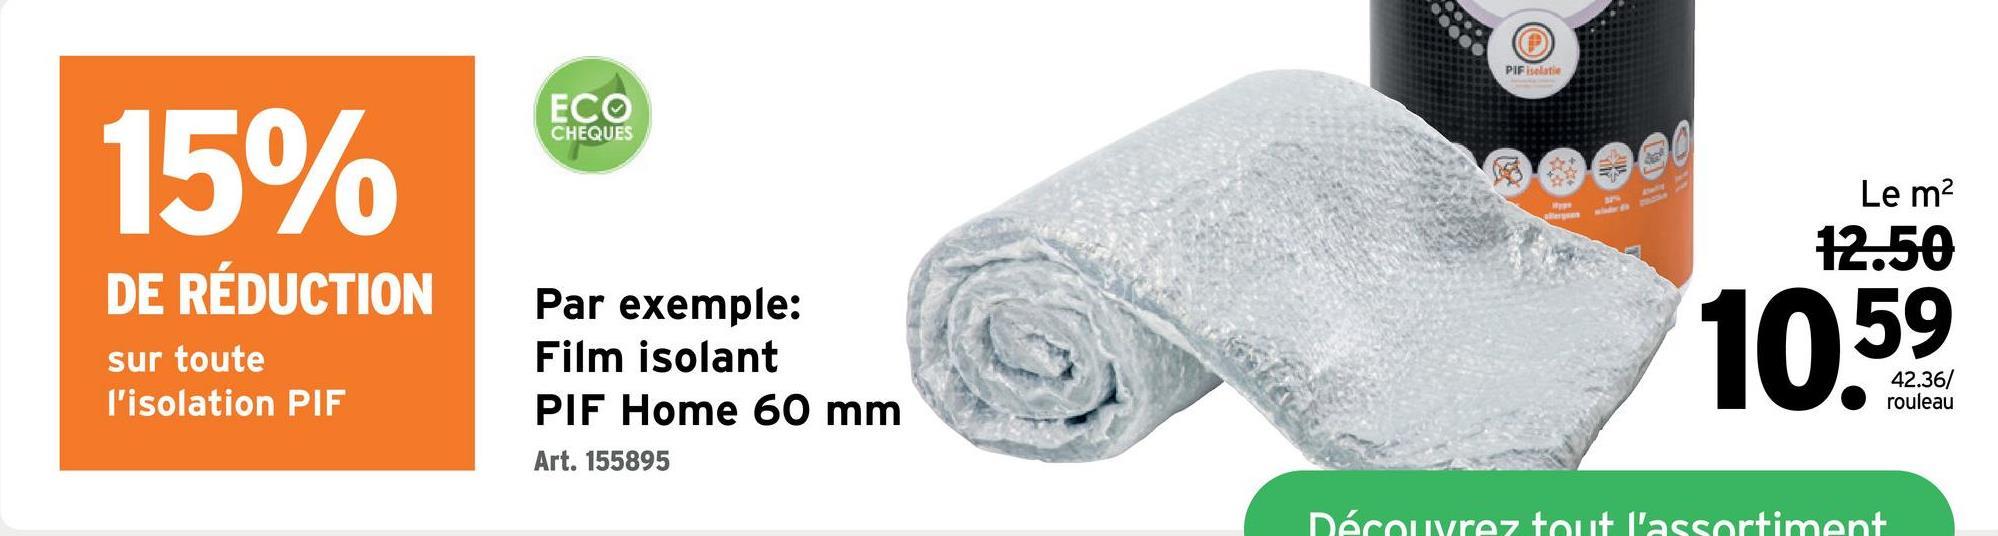 PIF isolatie ECO CHEQUES 15% Le m2 12.50 DE RÉDUCTION sur toute l'isolation PIF Par exemple: Film isolant PIF Home 60 mm 42.36/ rouleau Art. 155895 Découvrez tout l'assortiment